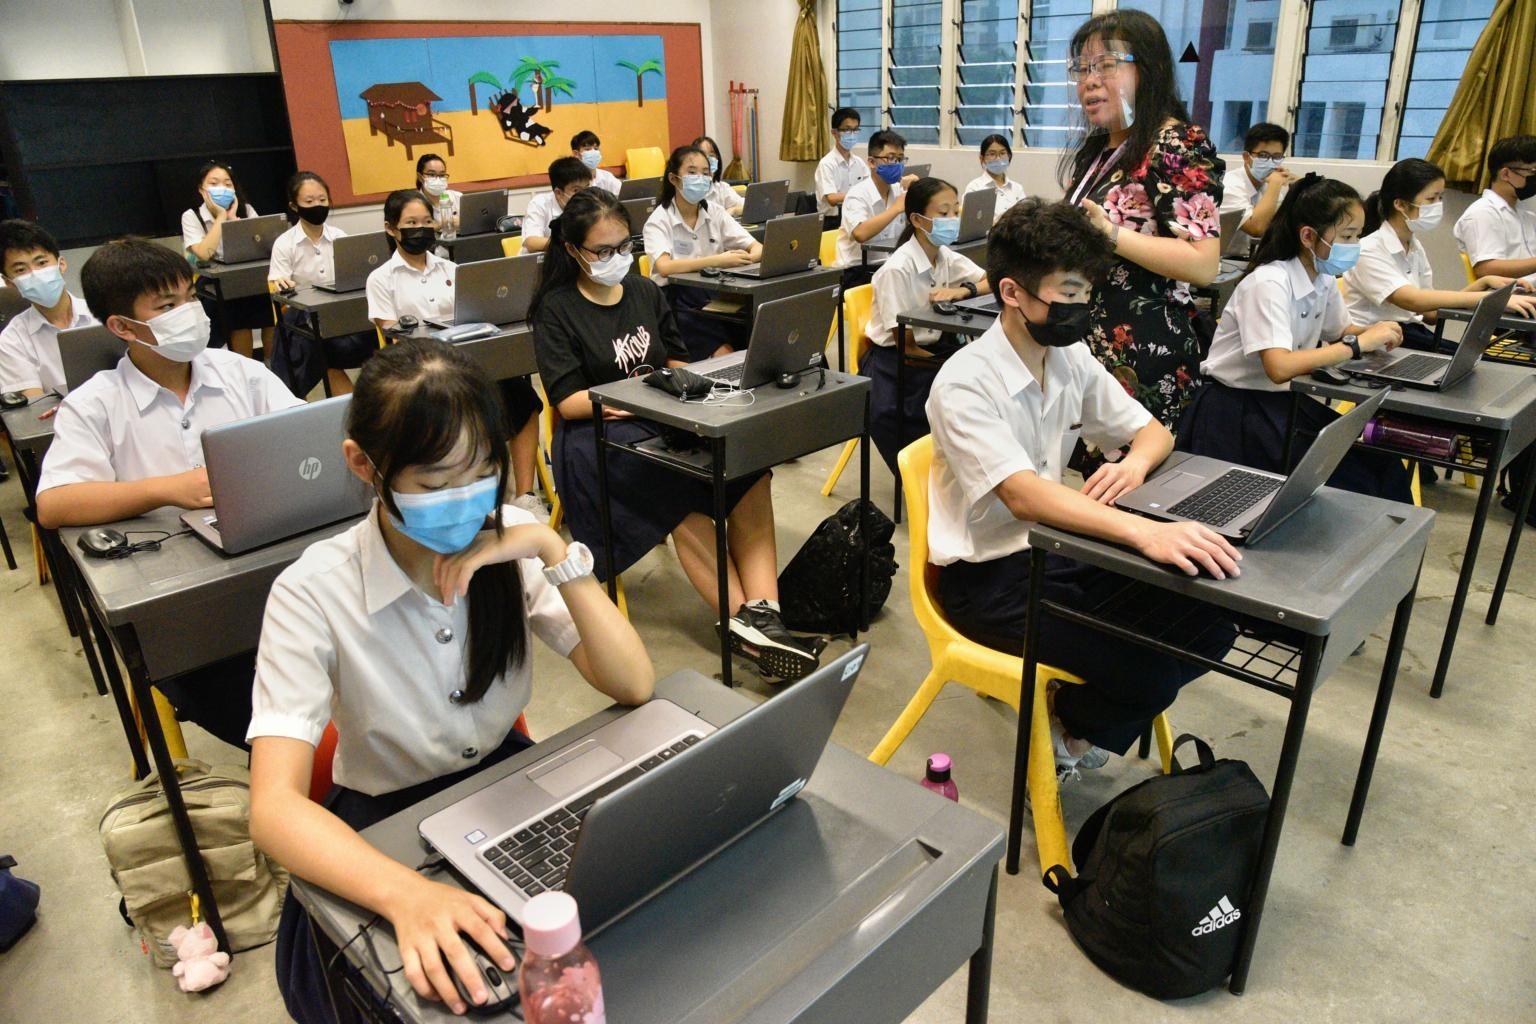 Một lớp học sử dụng công nghệ tại Singapore. Ảnh: ST